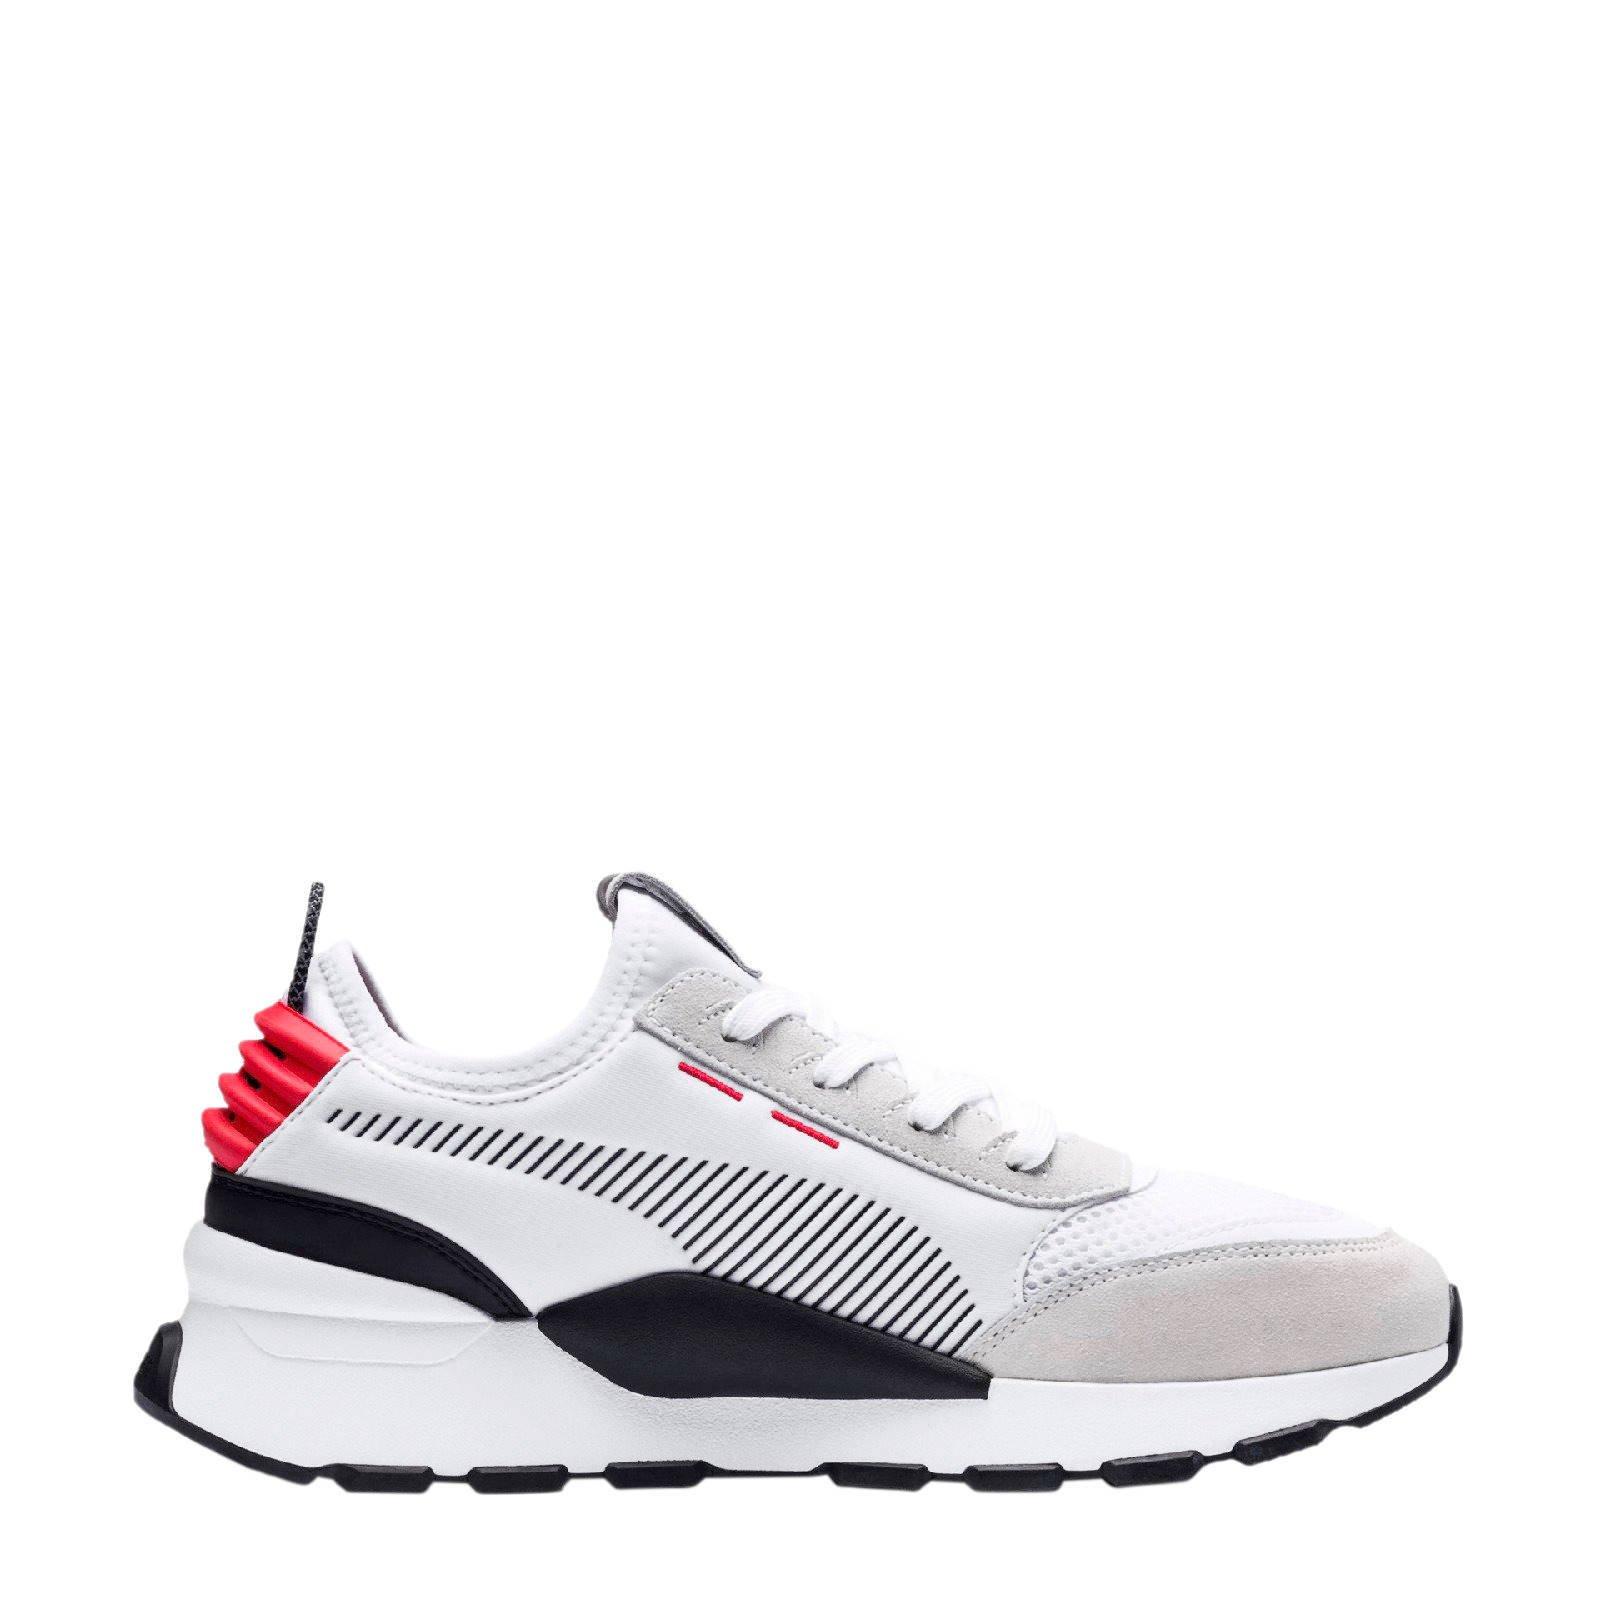 20 Sneakers Vanaf Wehkamp Dames Gratis Bezorging Bij Y1OqXd